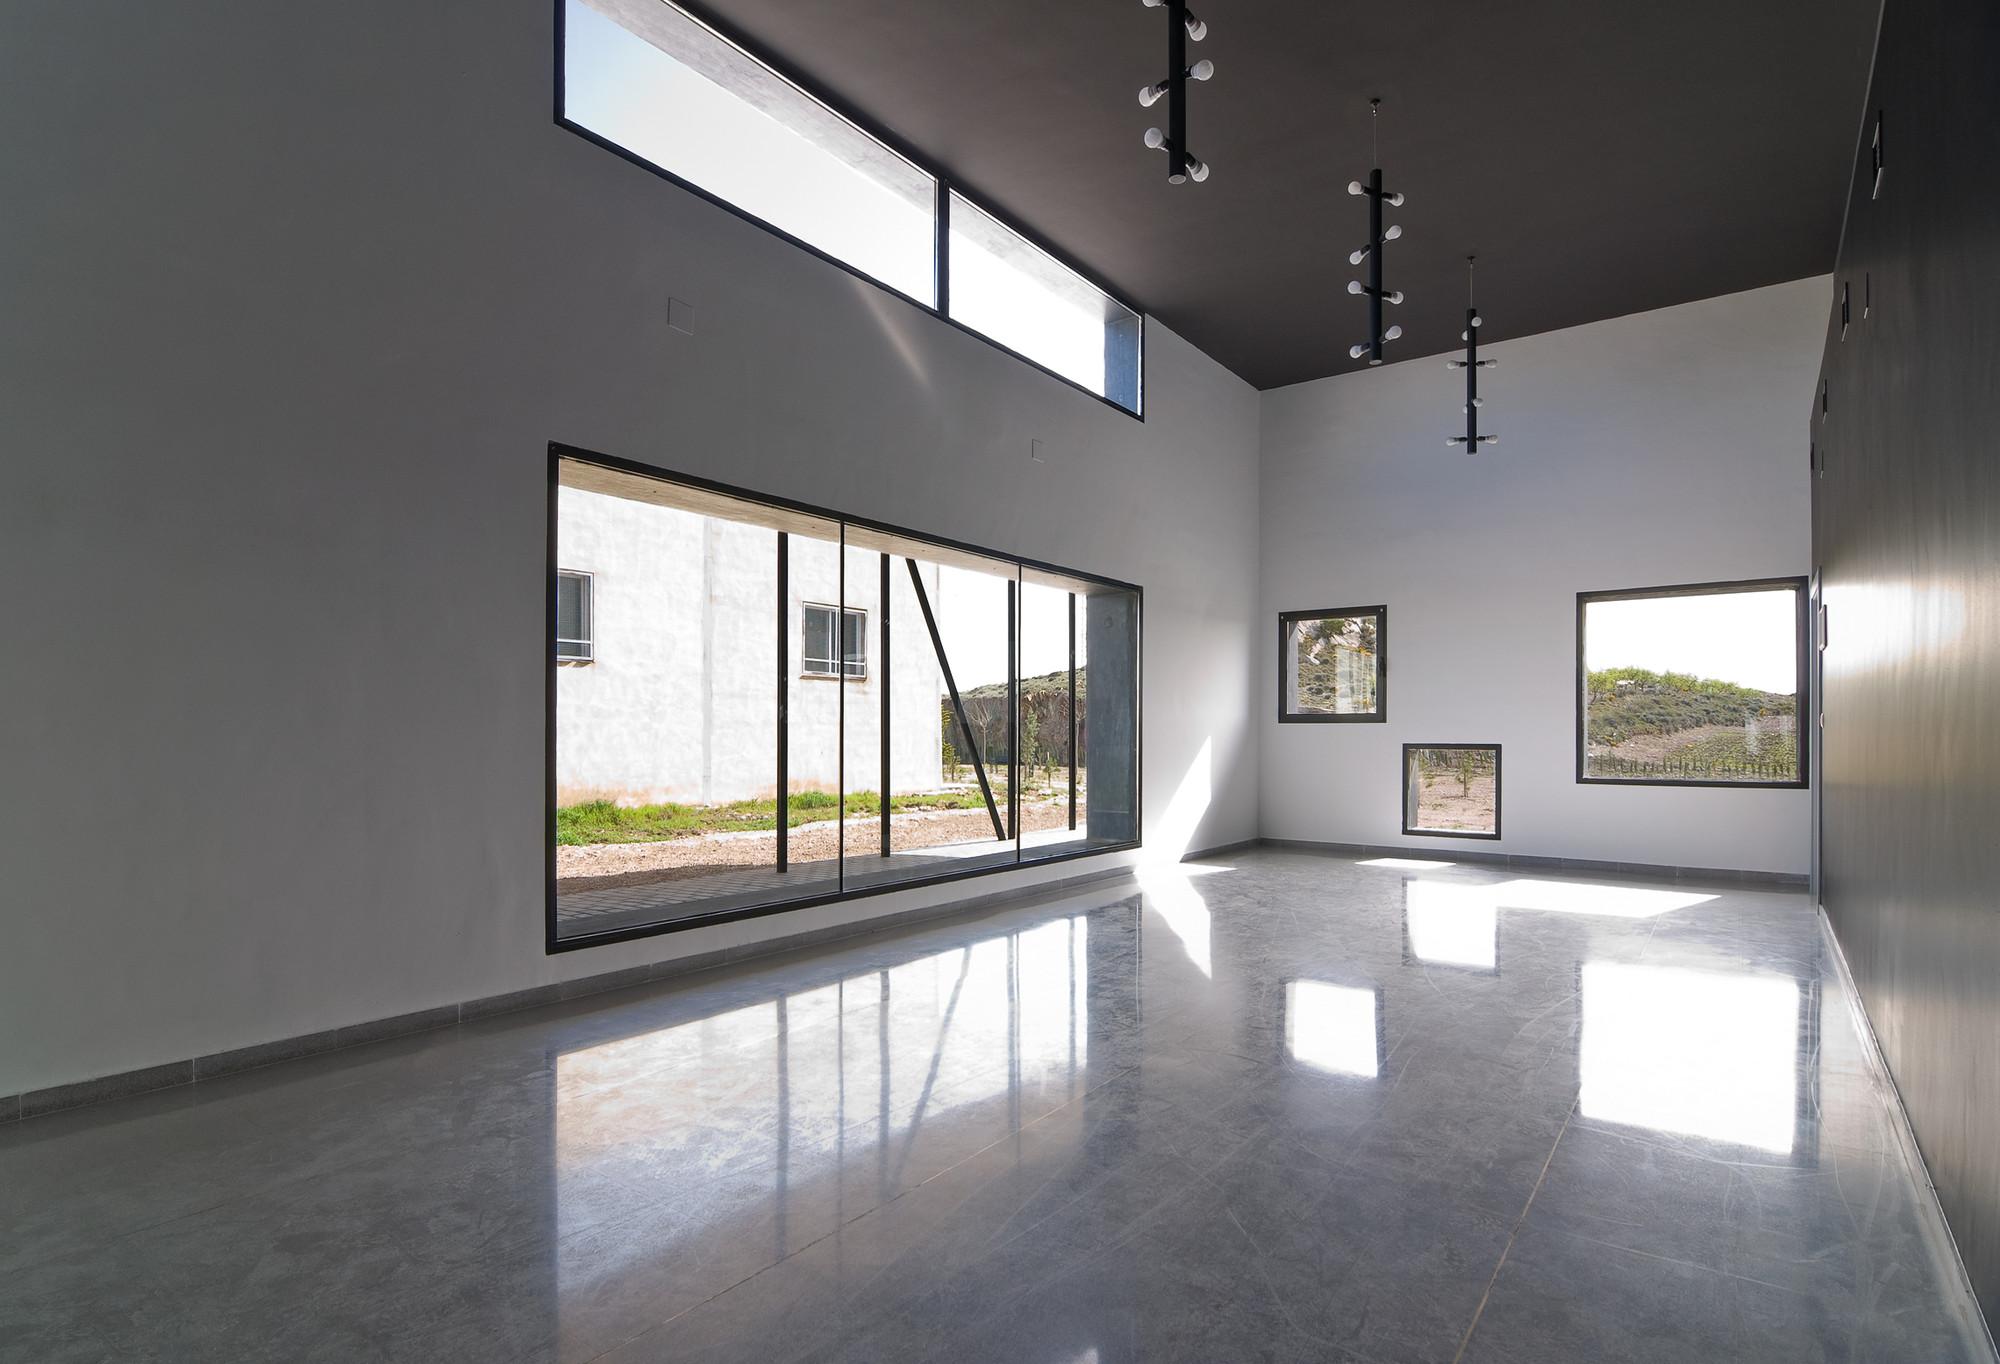 Galer a de velatorio municipal montealegre del castillo albacete dra arquitectos 5 - Arquitectos albacete ...